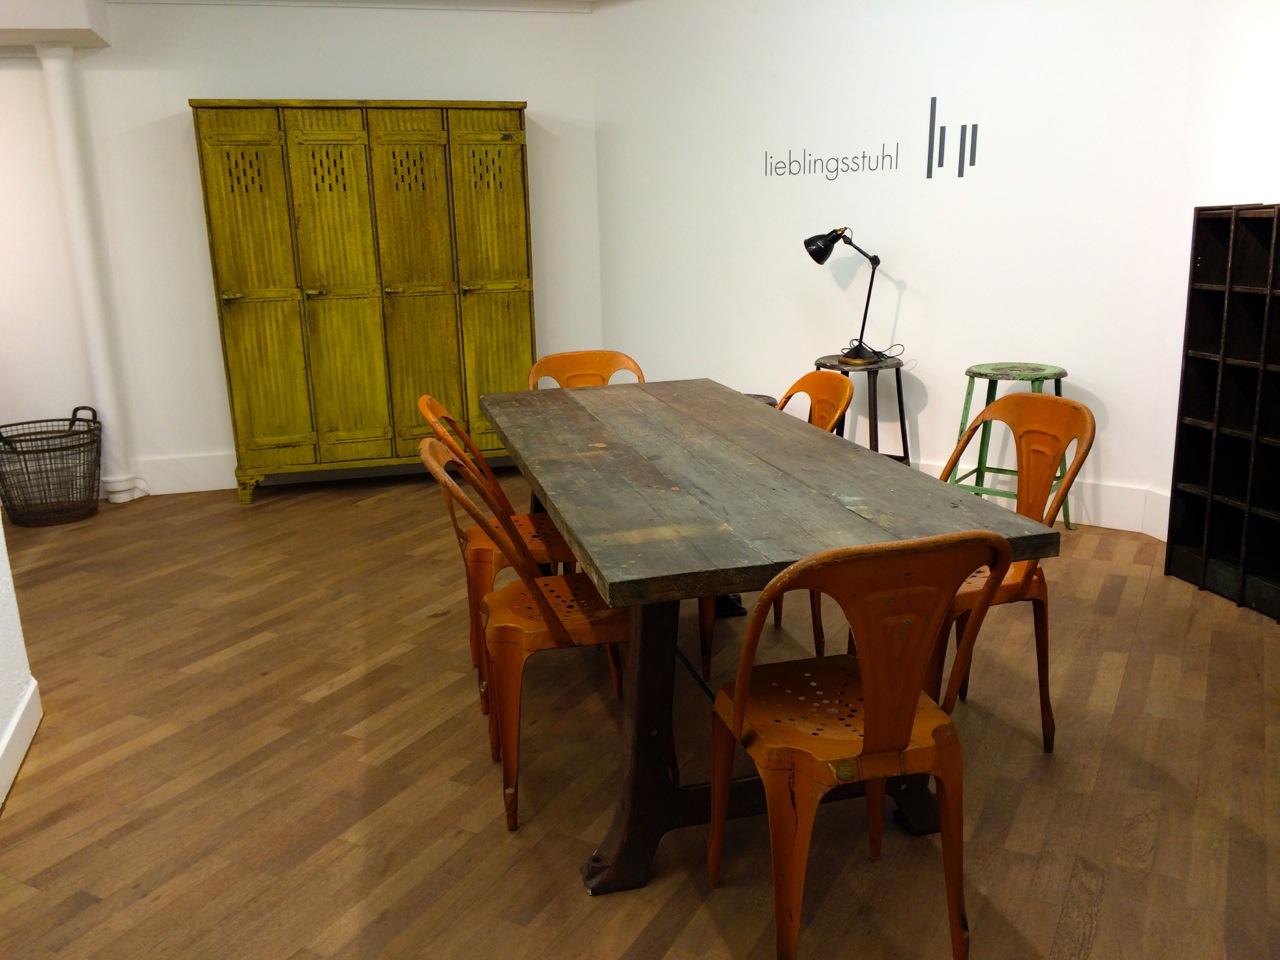 lieblingsstuhl industriem bel galerie am lindenhof z rich. Black Bedroom Furniture Sets. Home Design Ideas